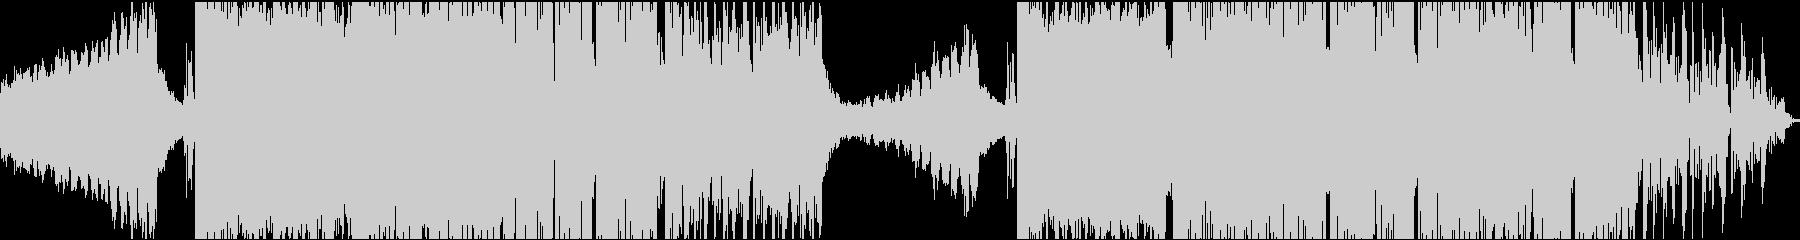 バトル系BGM、ブレイクビーツの未再生の波形